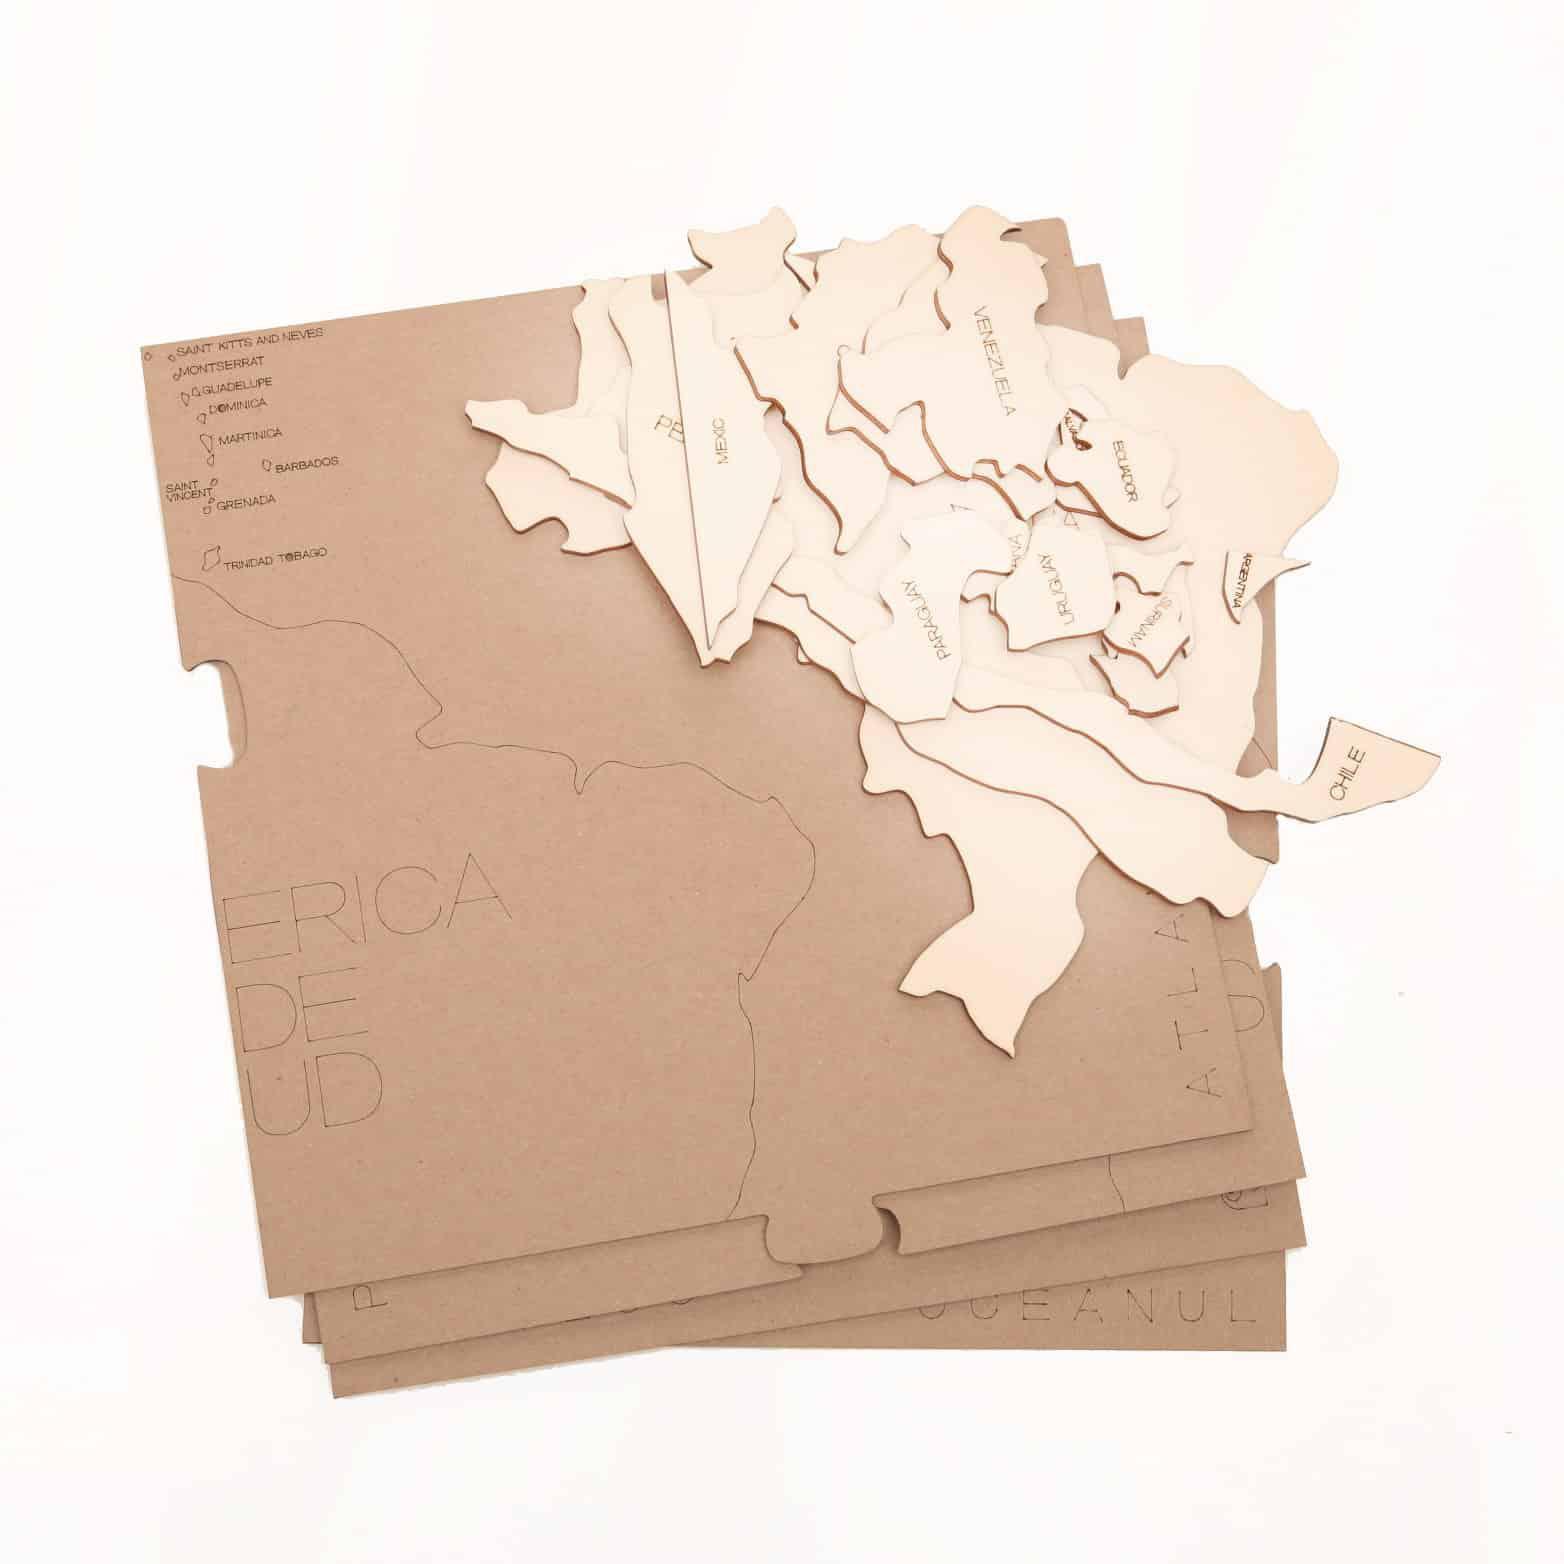 HARTĂ - AMERICA DE SUD - puzzle  - 5417